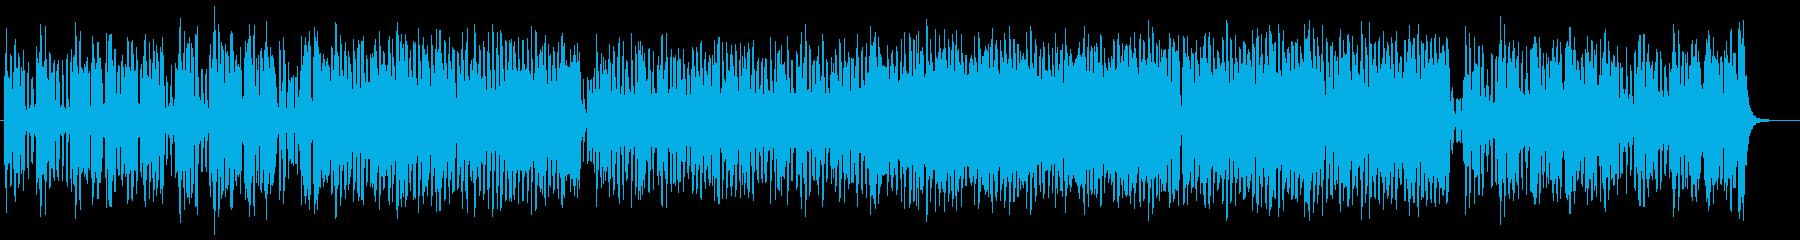 アップテンポで元気の出るメロディーの再生済みの波形